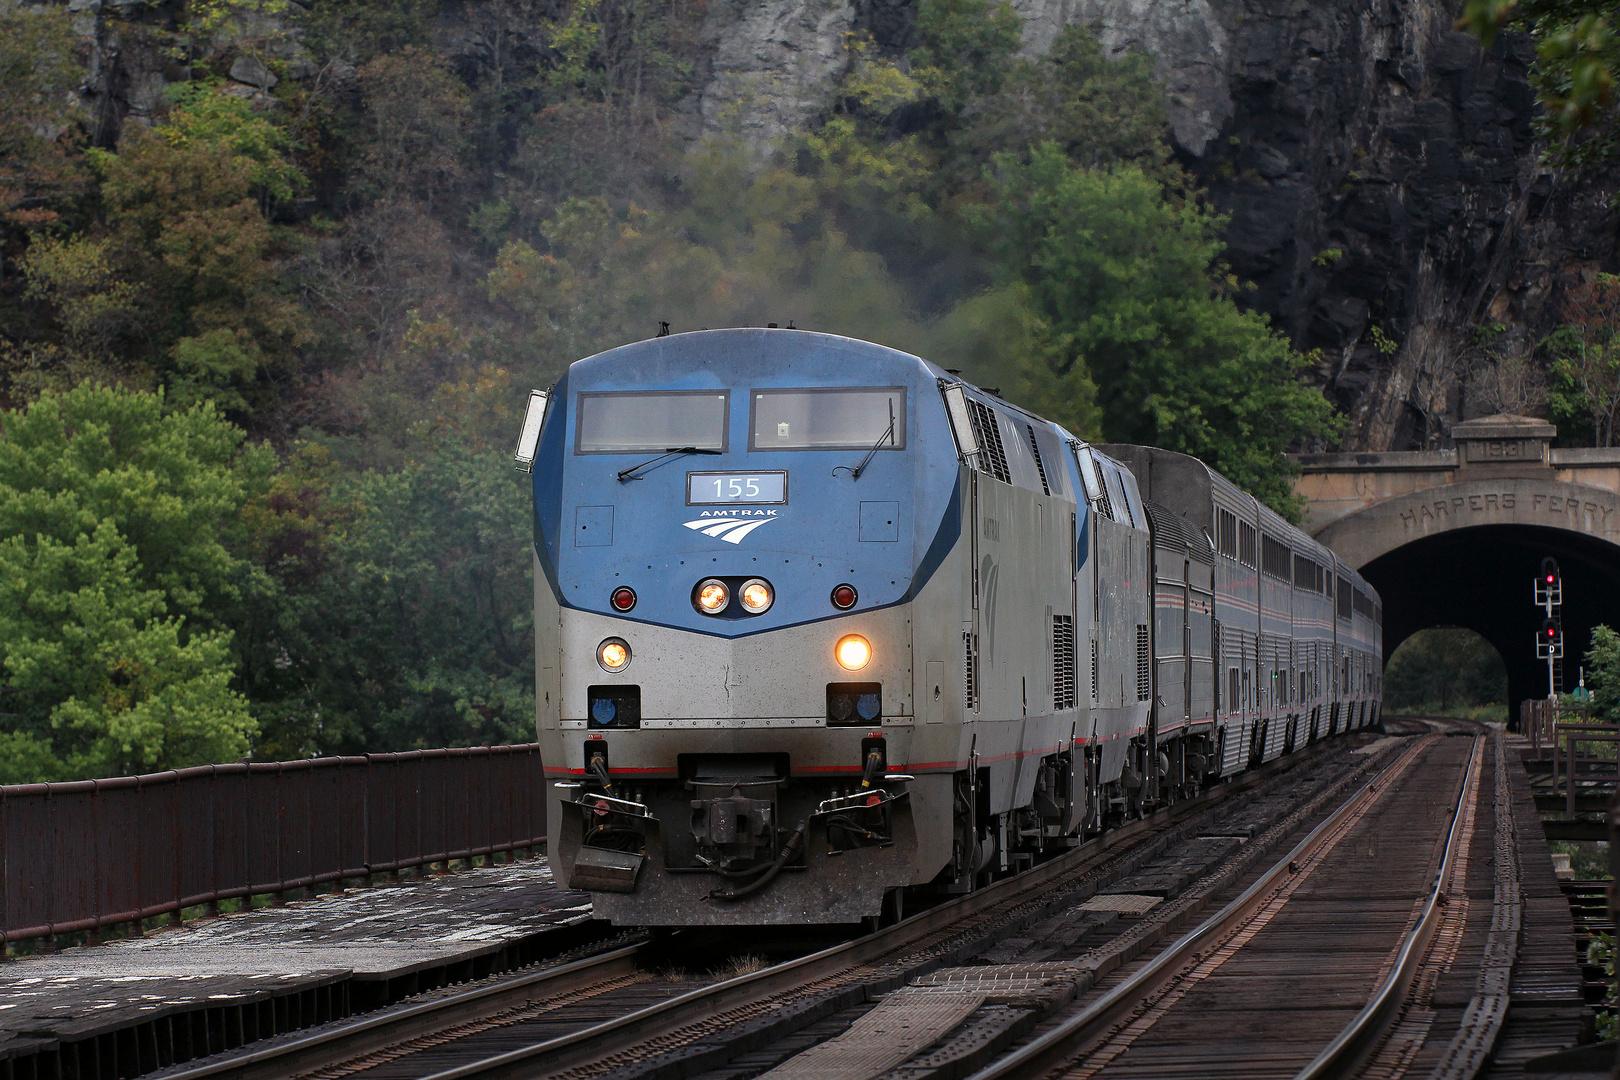 AMTRAK P42 Genesis AMTK#155 fährt in den Bahnhof von Harpers Ferry ein, West Virginia,USA